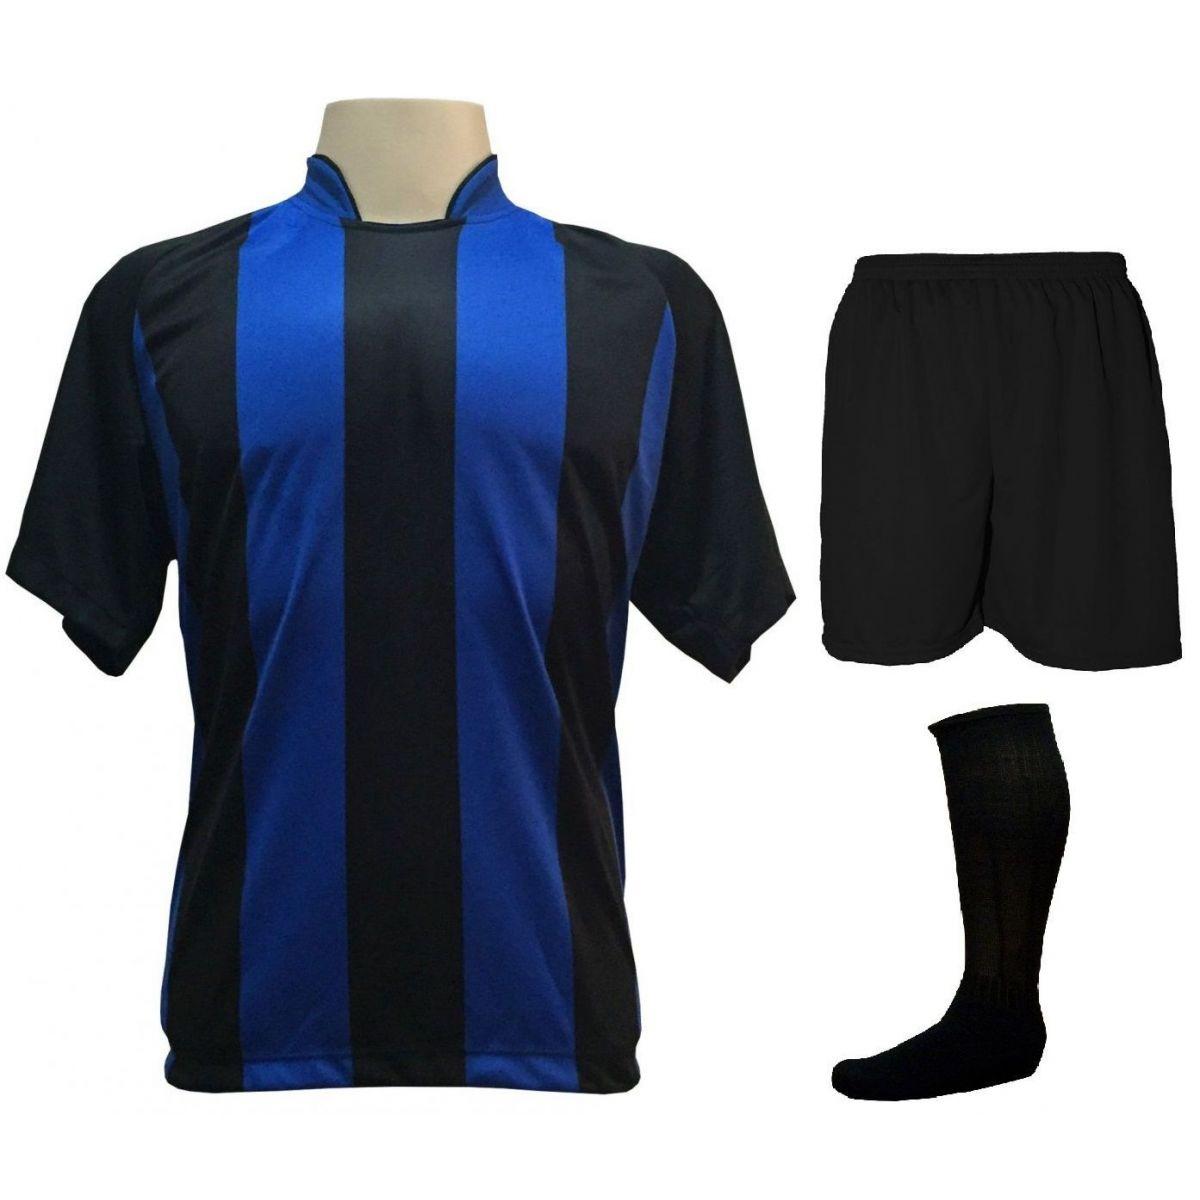 Fardamento Completo modelo Milan 20+2 (20 camisas Preto/Royal + 20 calções modelo Madrid Preto + 20 pares de meiões Preto + 2 conjuntos de goleiro) + Brindes